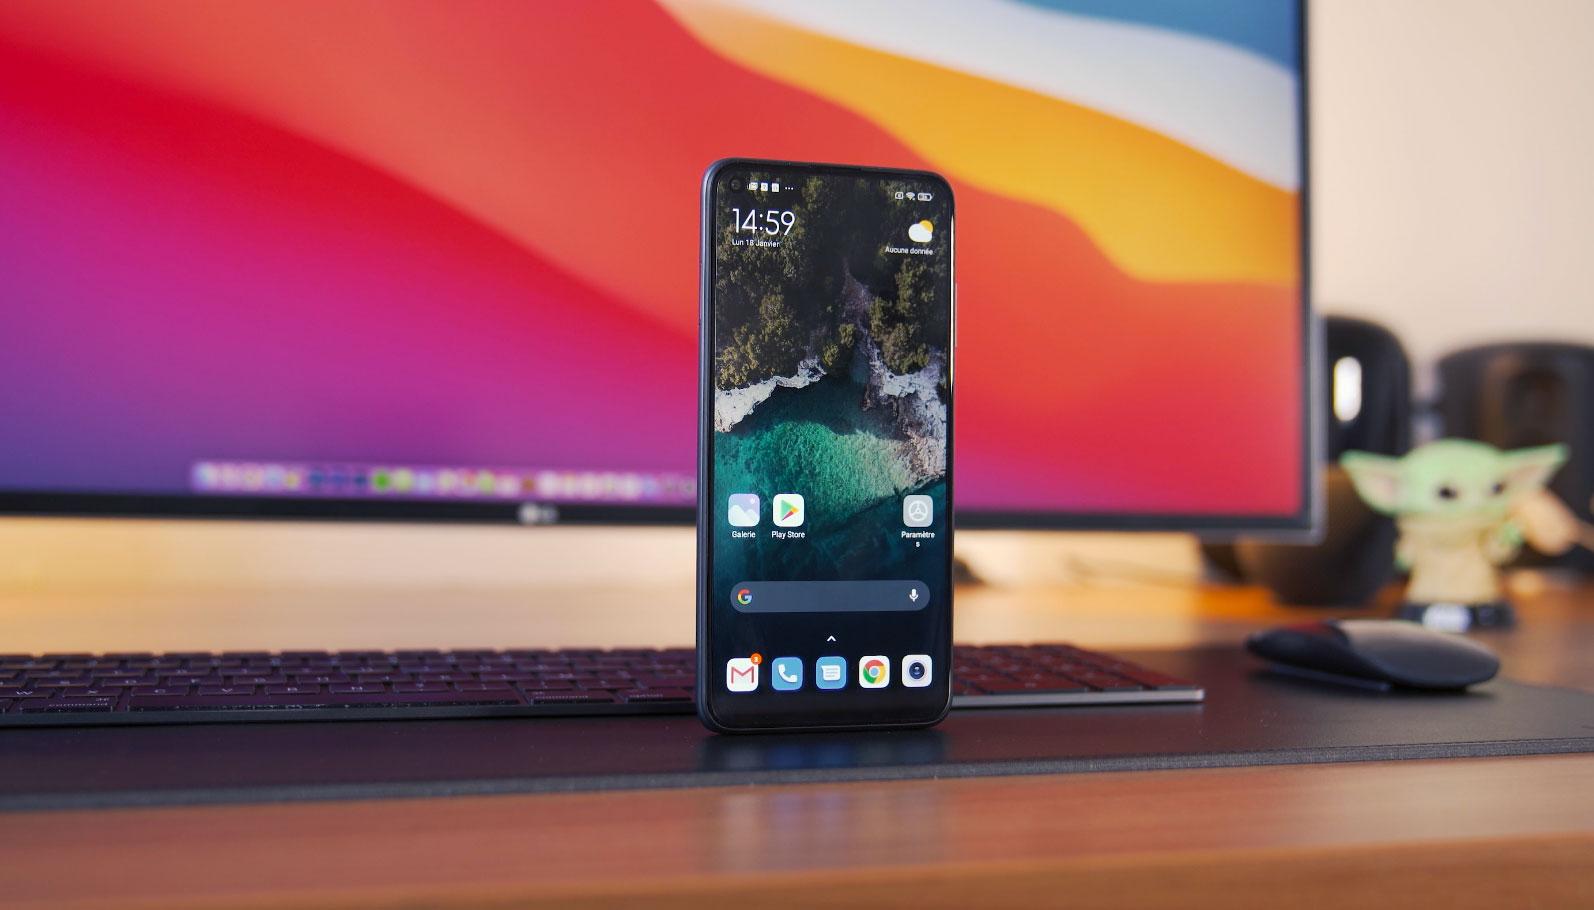 L'écran est imposant, avec des bordures assez fines